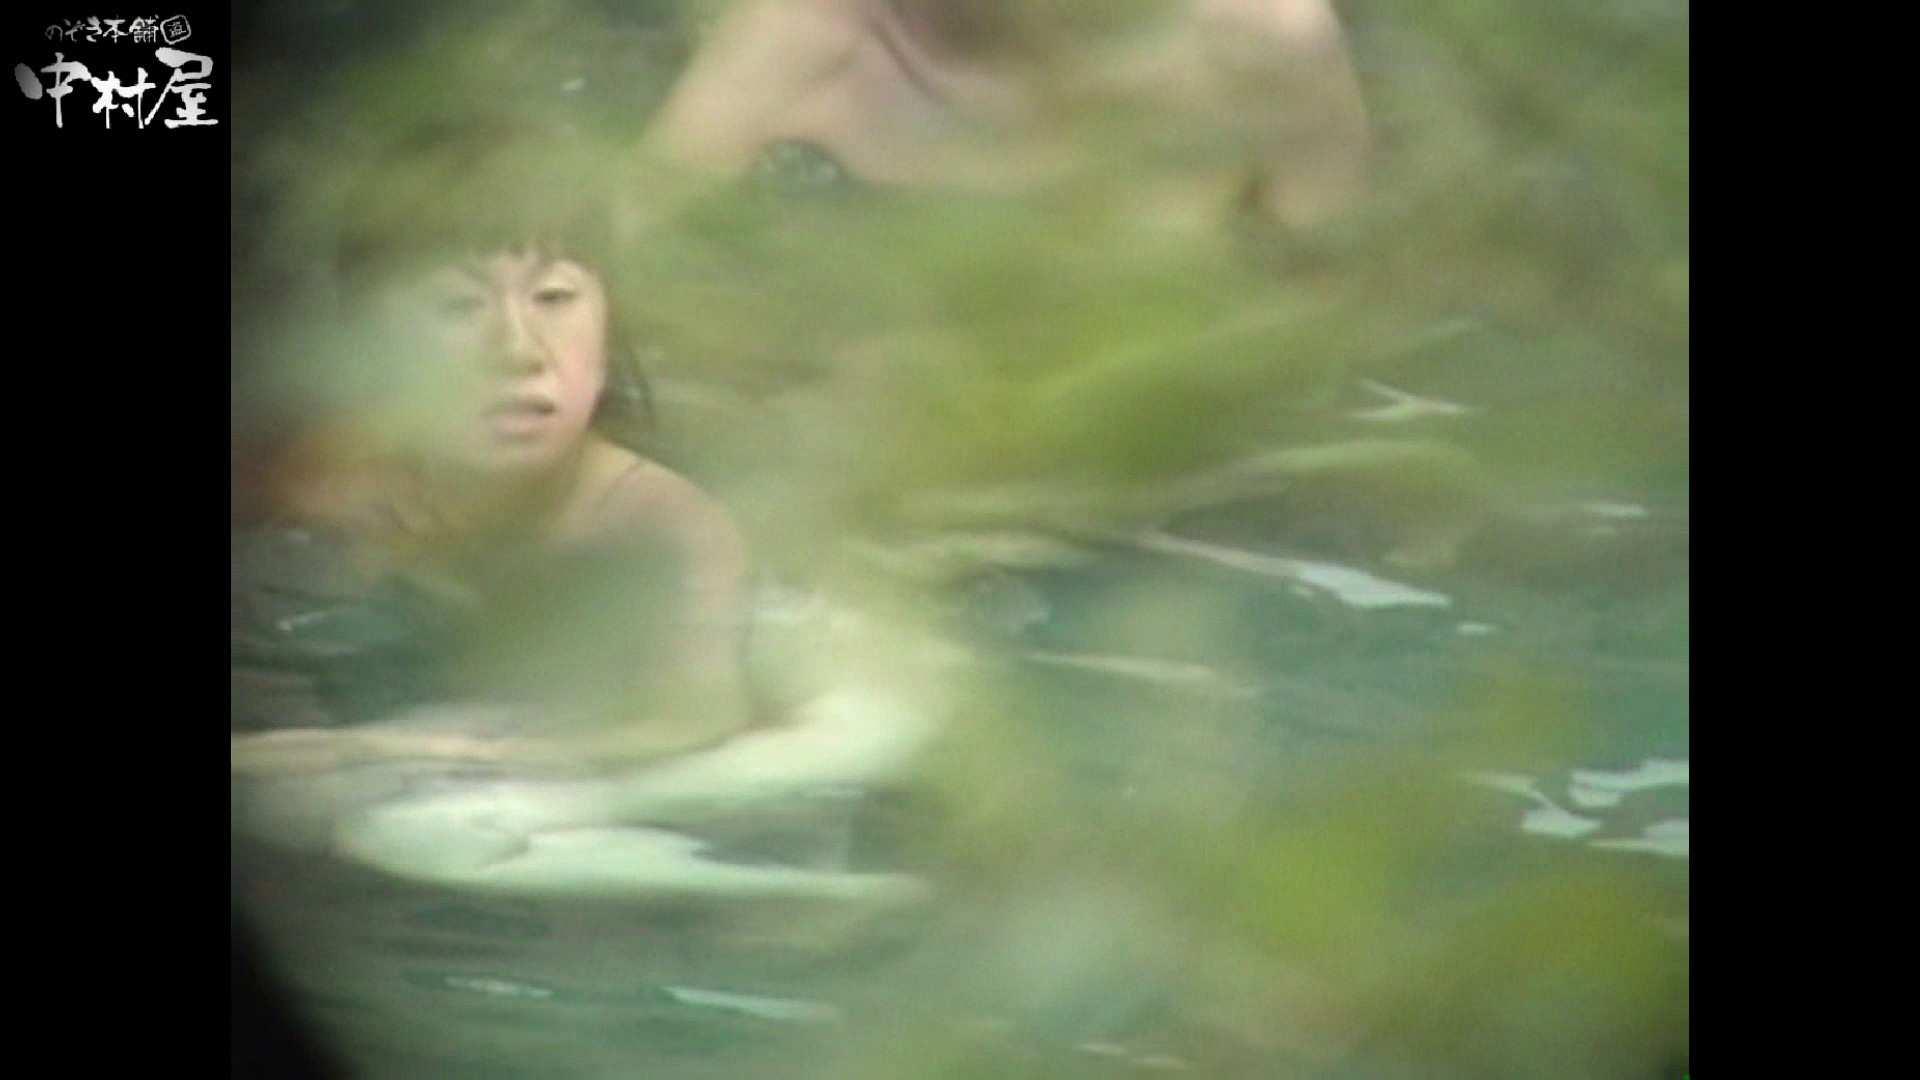 Aquaな露天風呂Vol.953 OLのエロ生活  107連発 33